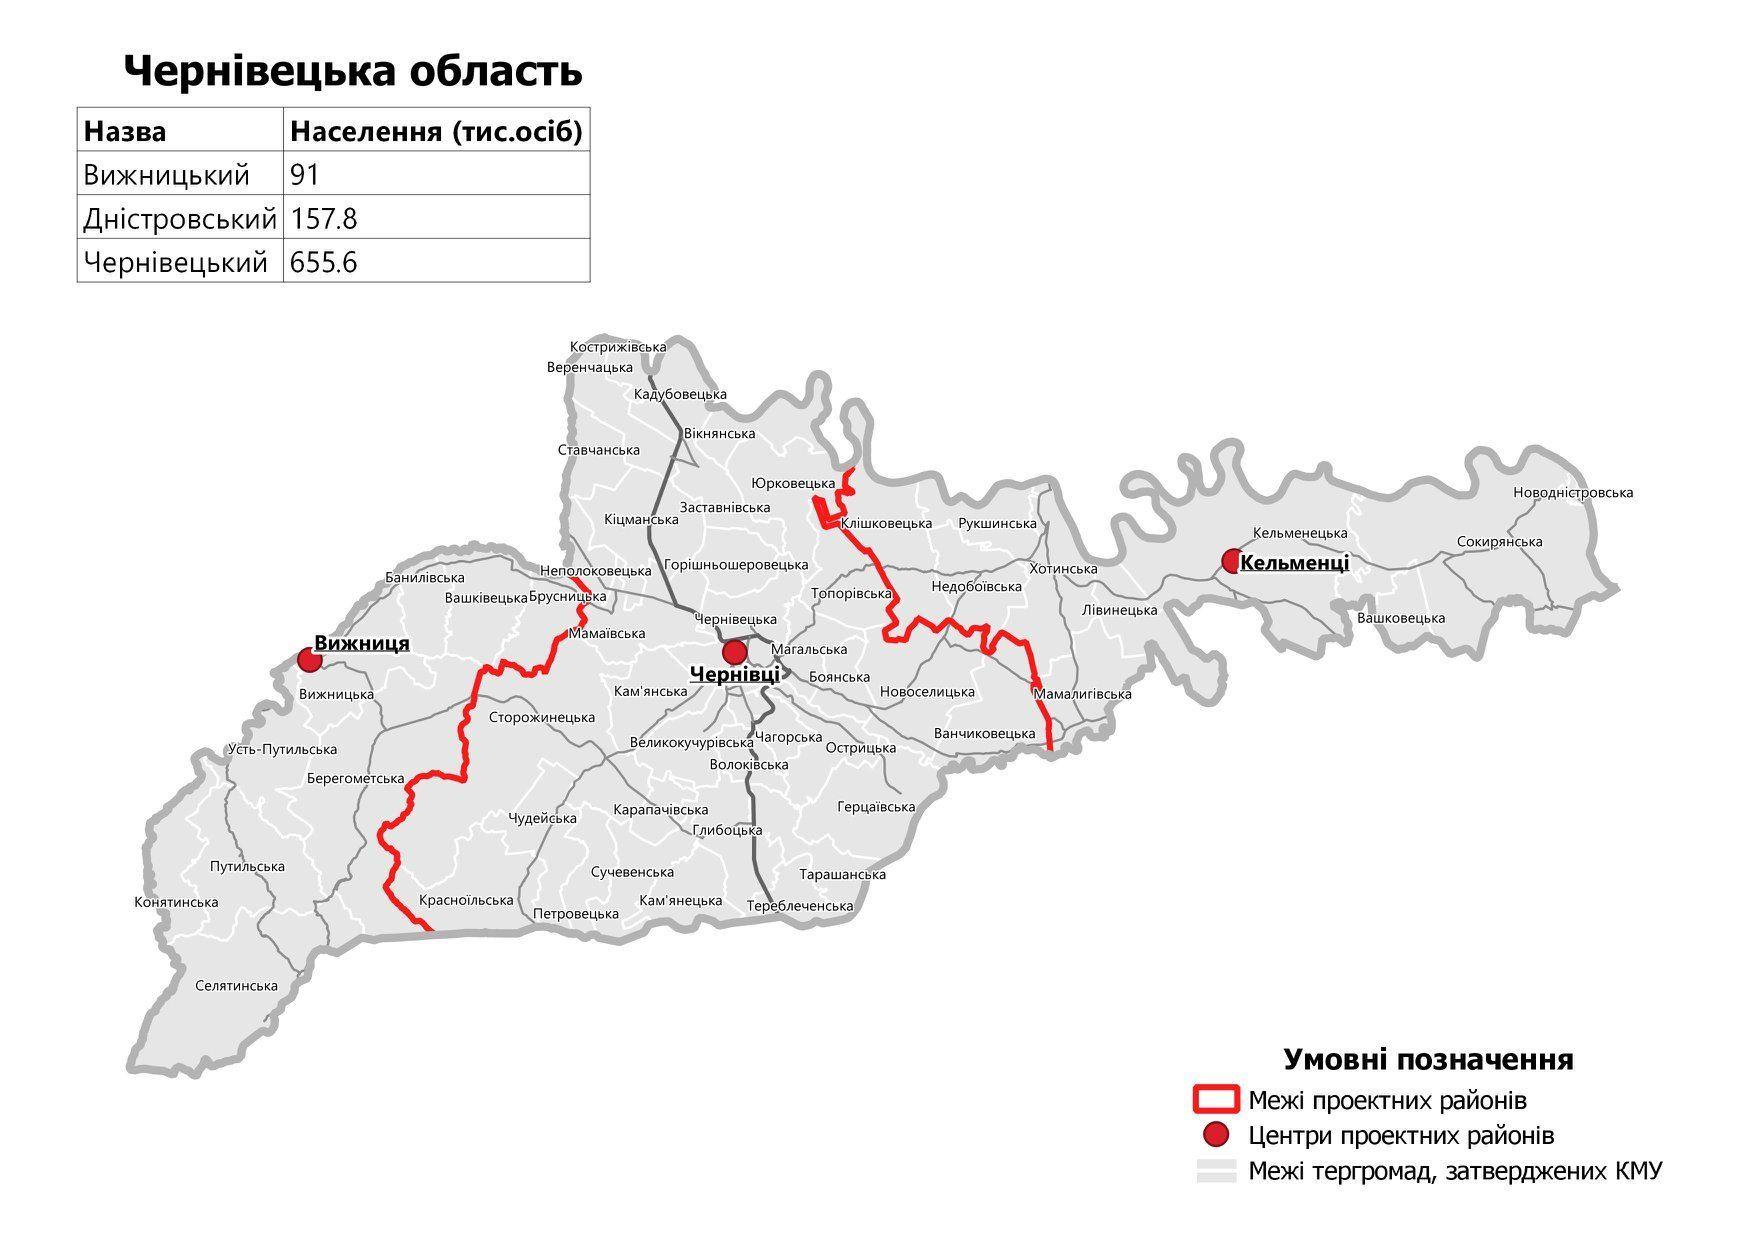 Мапа нових районів_5